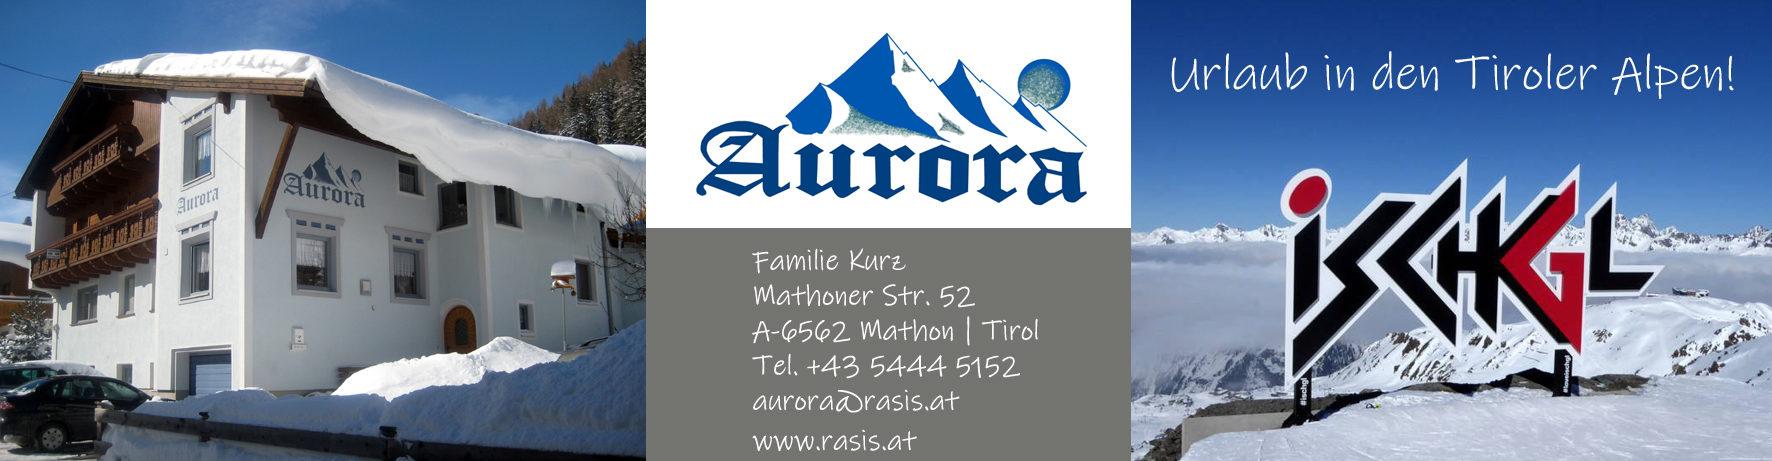 Aurora | Ferienwohnung | Ischgl Mathon